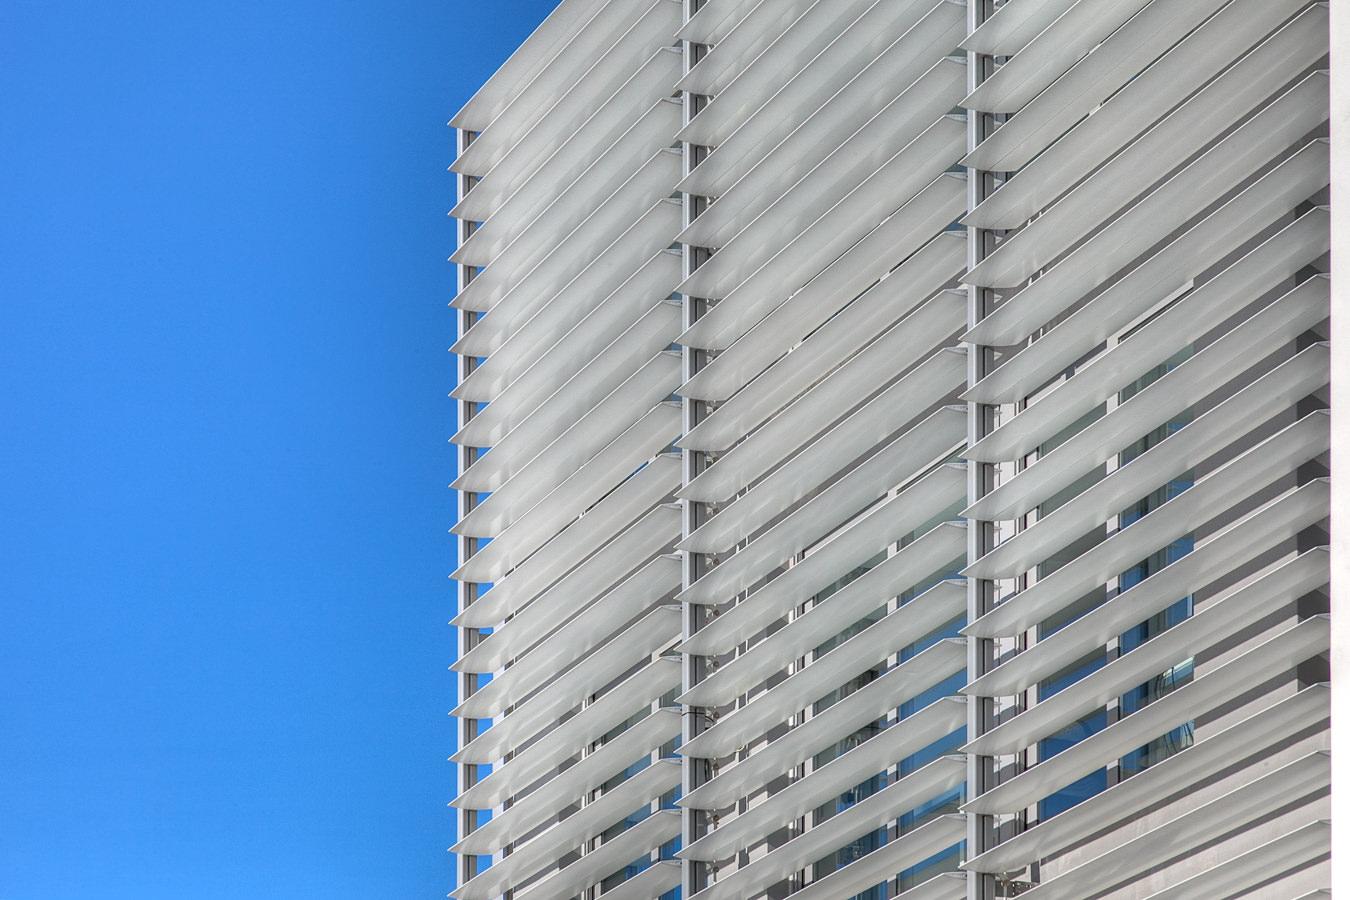 Residential Complex, Marousi, Γιώργος Φάκαρος - Αρχιτεκτονική Φωτογραφία | Εσωτερικοί Χώροι | Φωτογραφία Ξενοδοχειών - Photography / Φωτογραφία